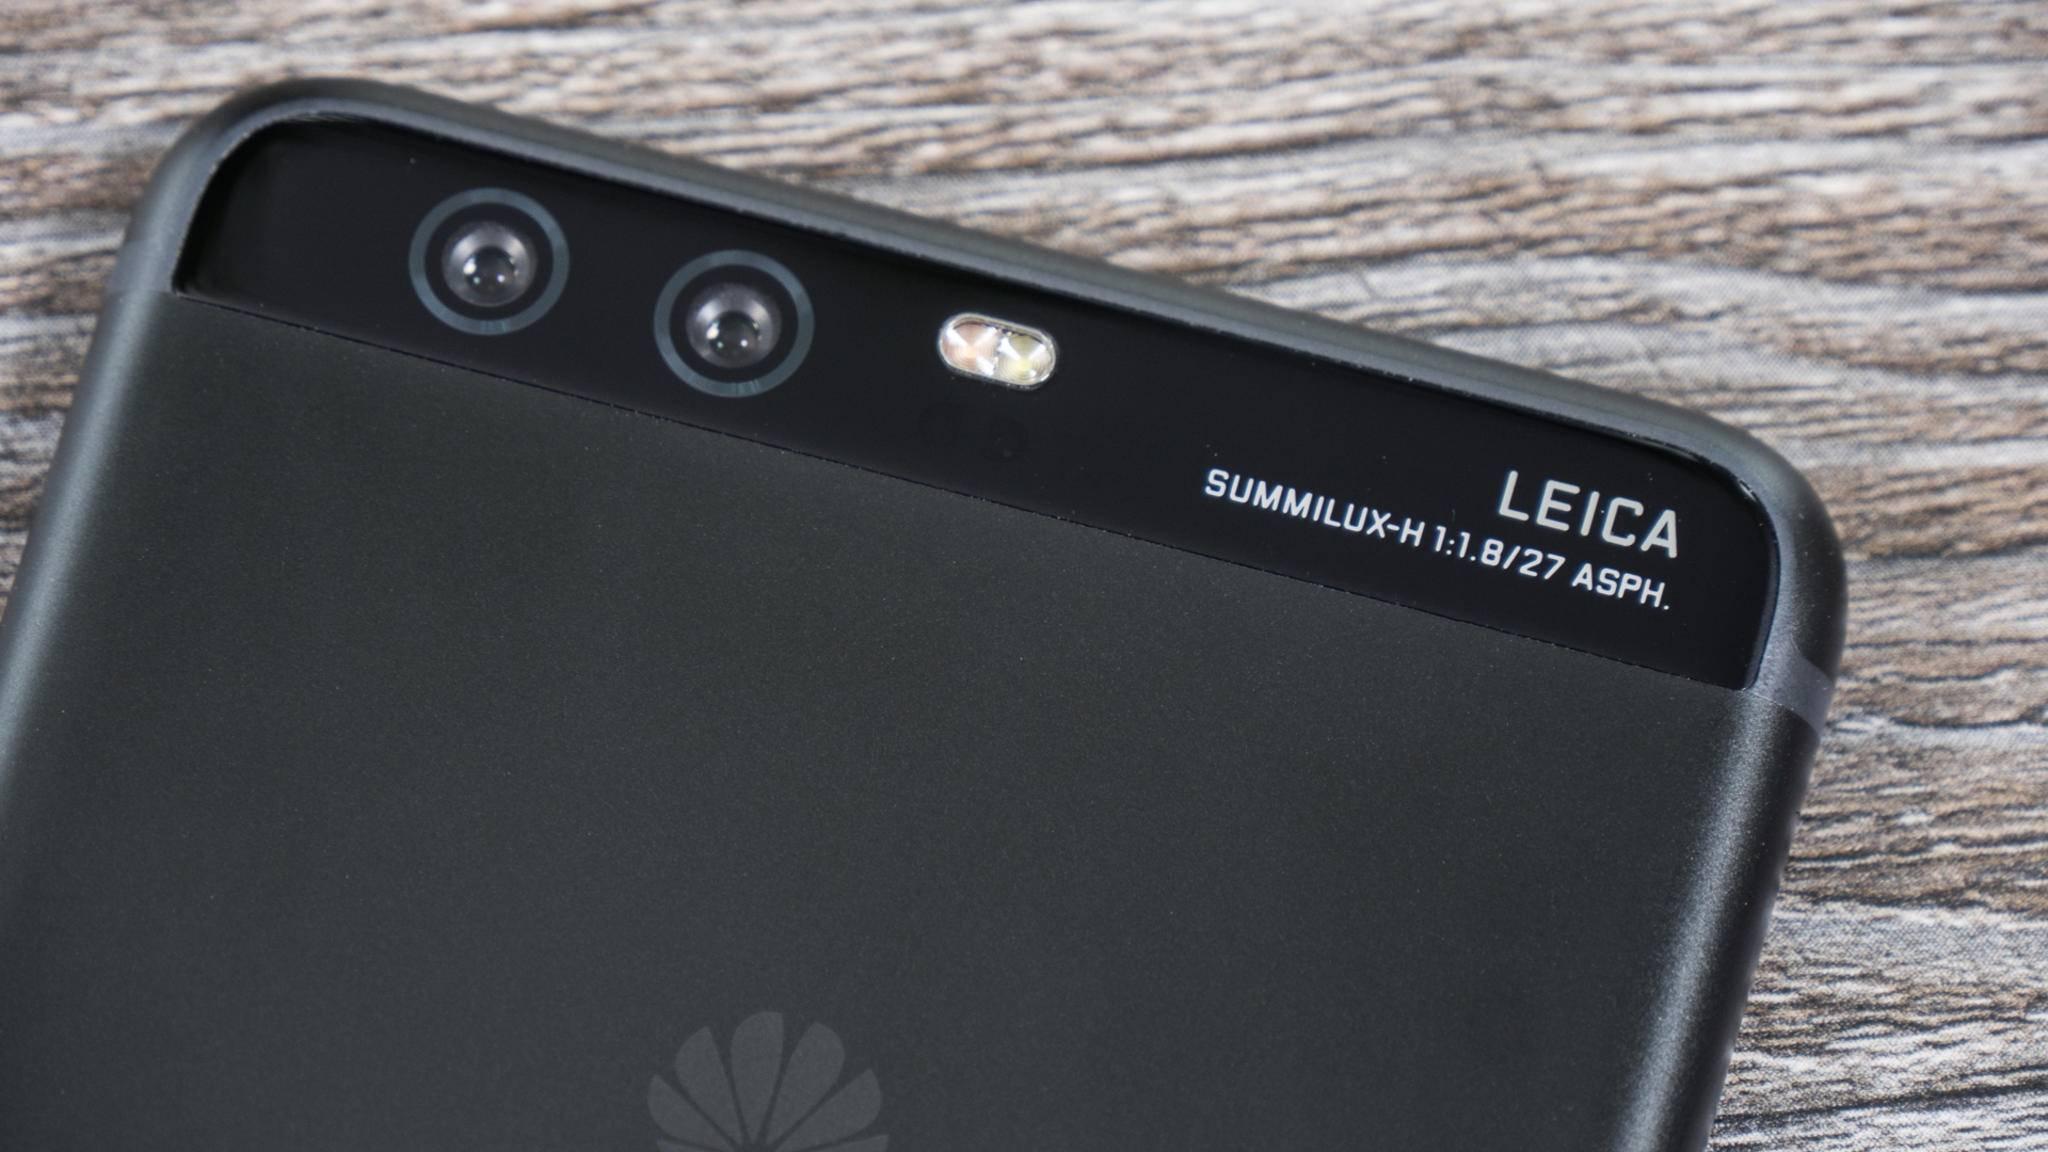 Aus zwei mach drei: Der Nachfolger des Huawei P10 soll drei Kameralinsen auf der Rückseite bekommen.